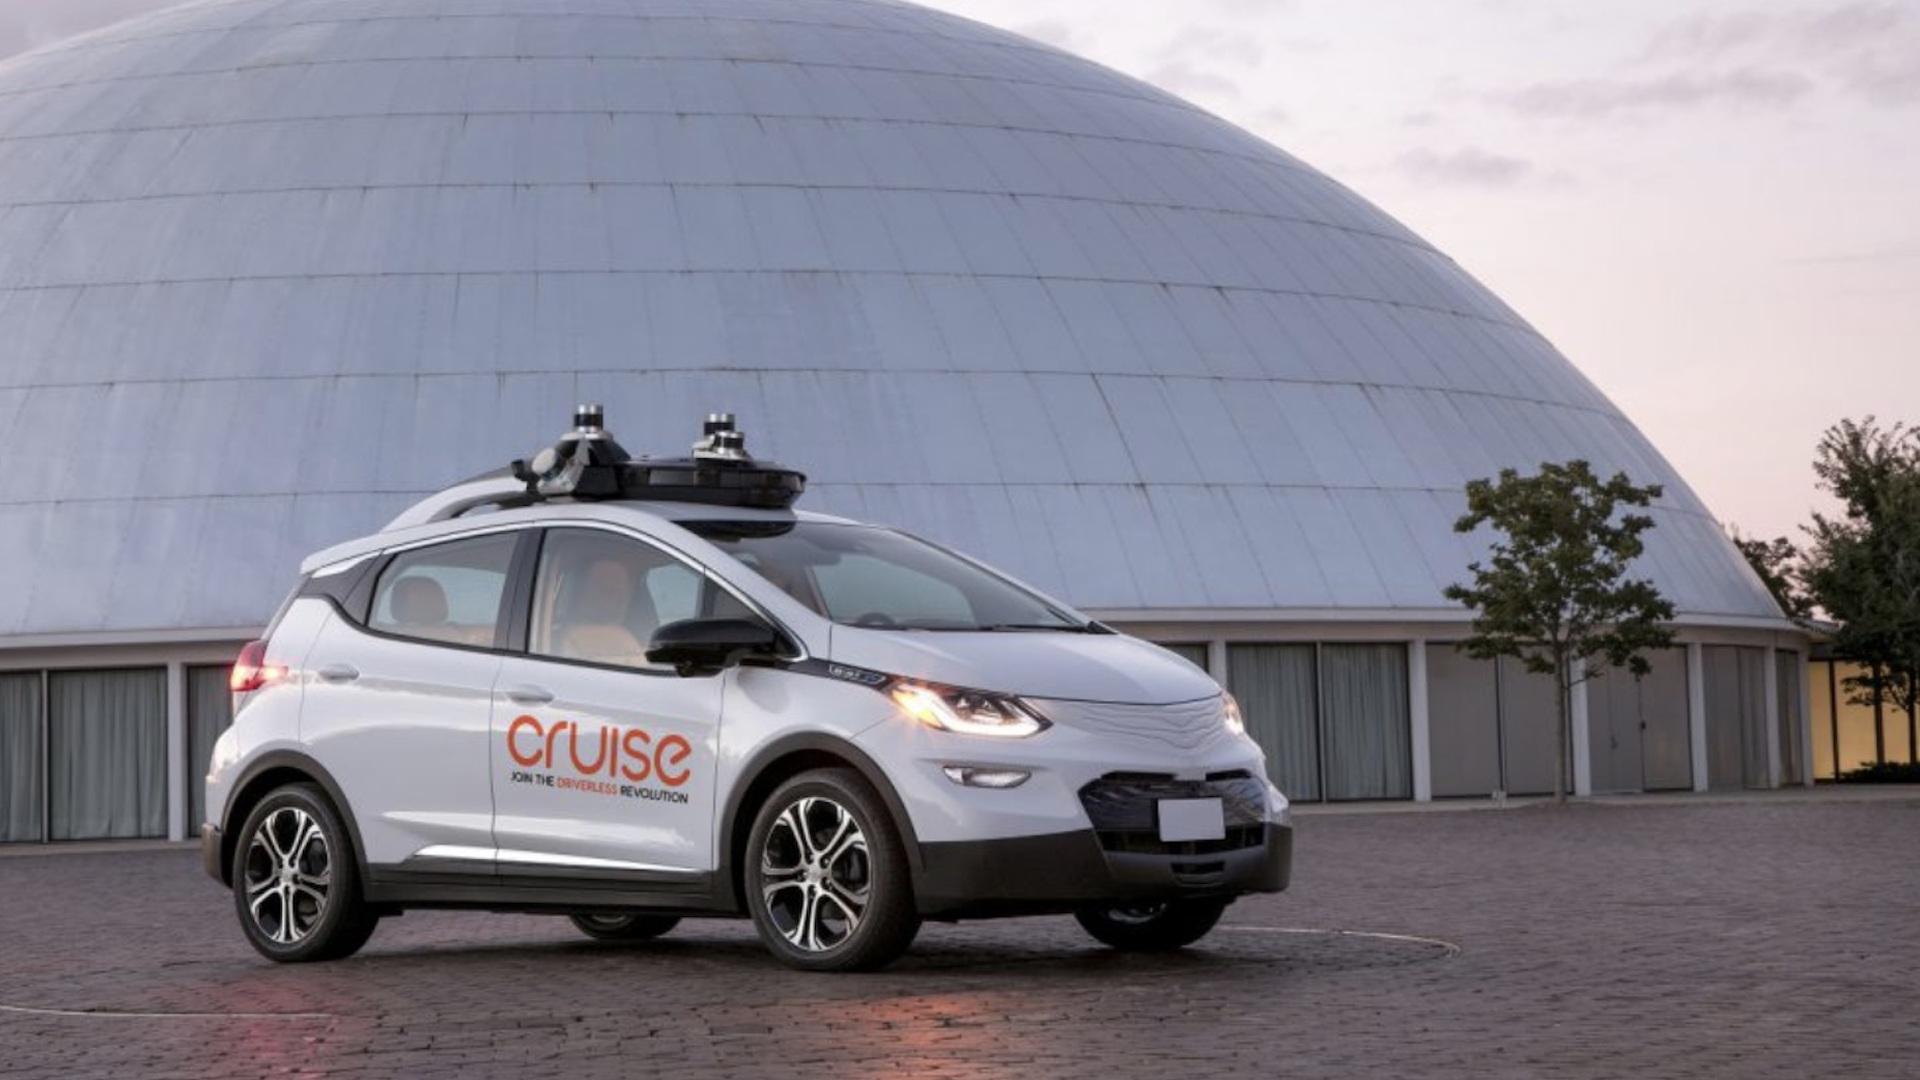 GM Cruise AV self-driving car